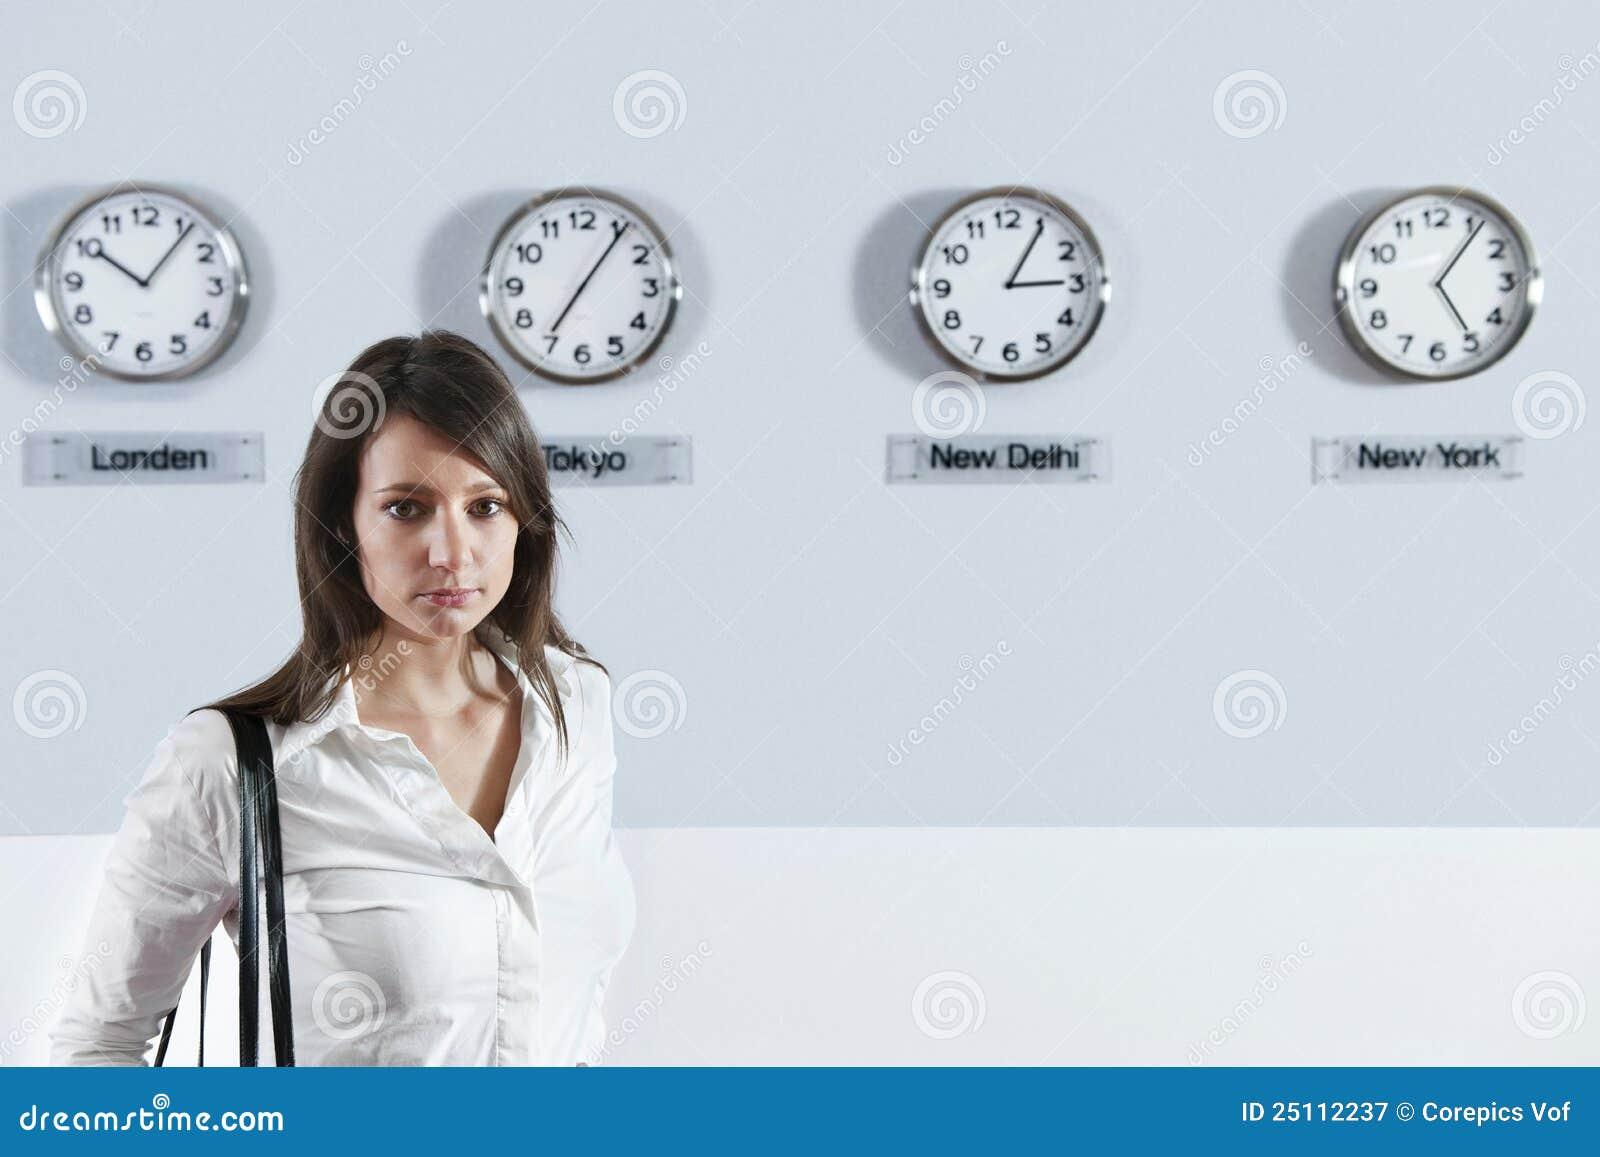 Empresaria delante de los relojes de la zona horaria del mundo